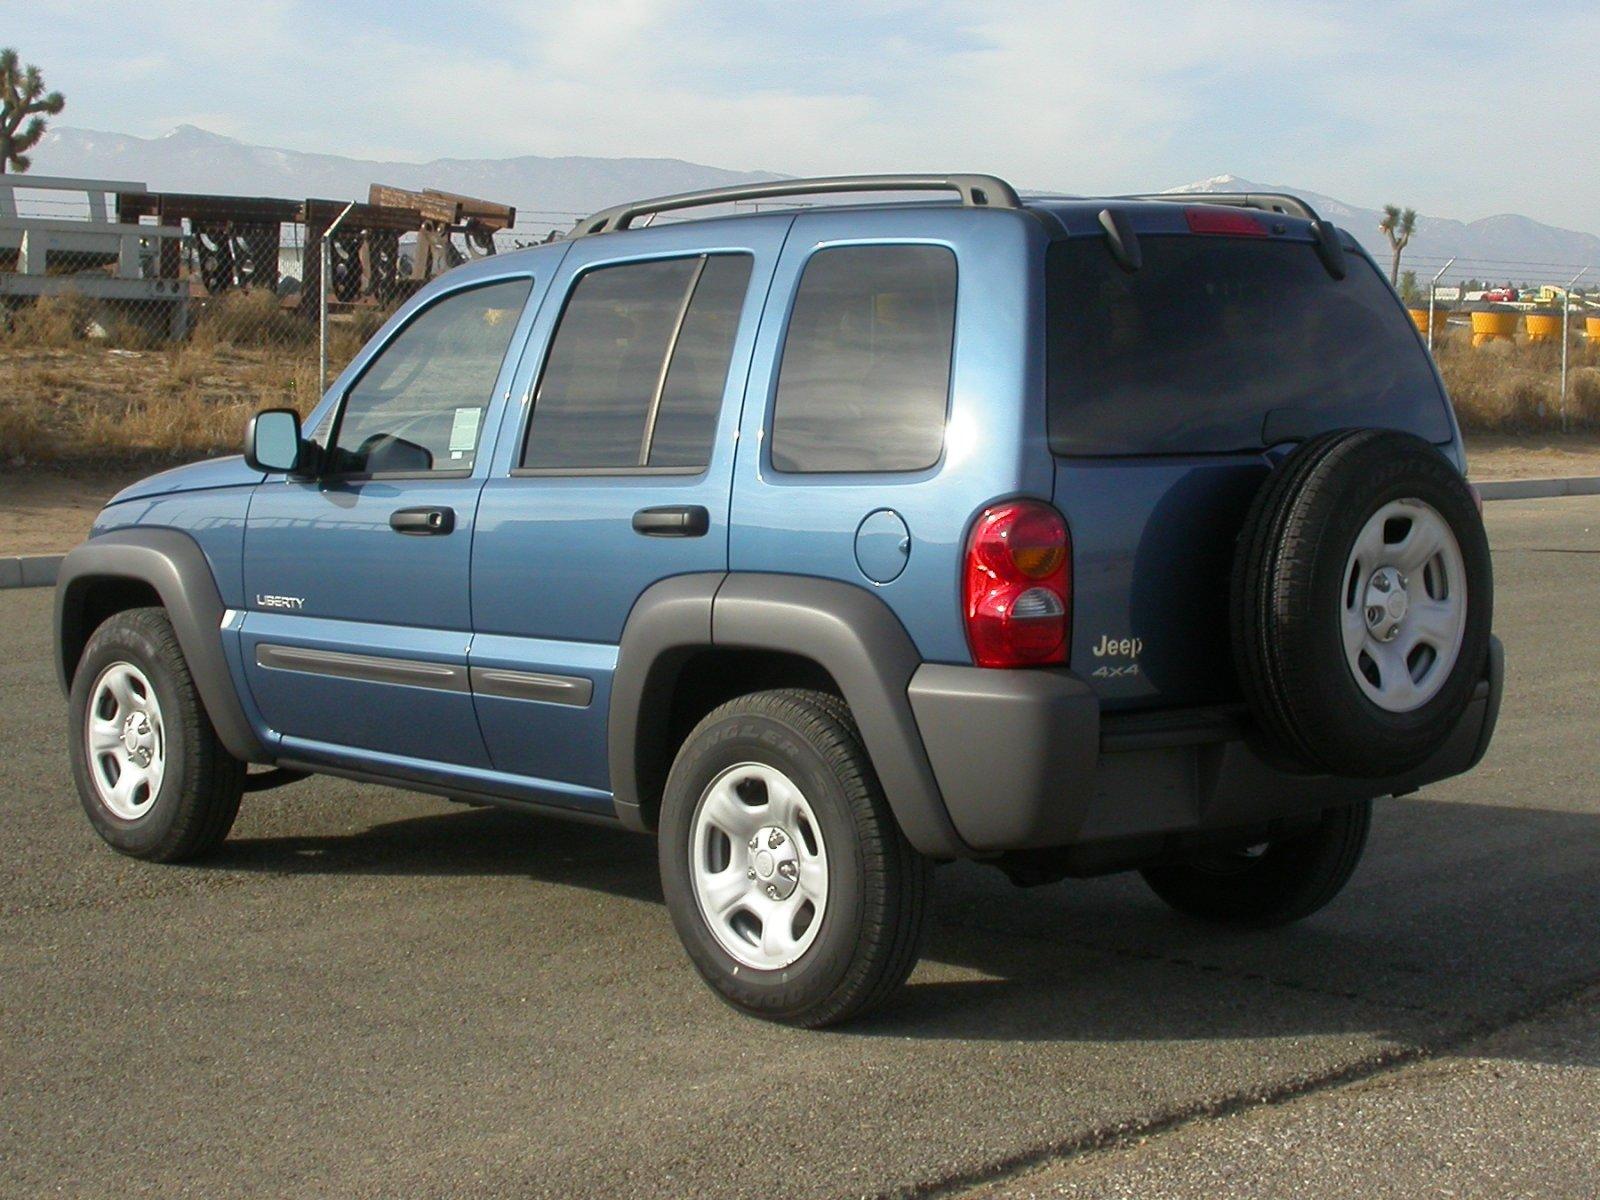 file:2004 jeep liberty -- nhtsa 02 - wikimedia commons